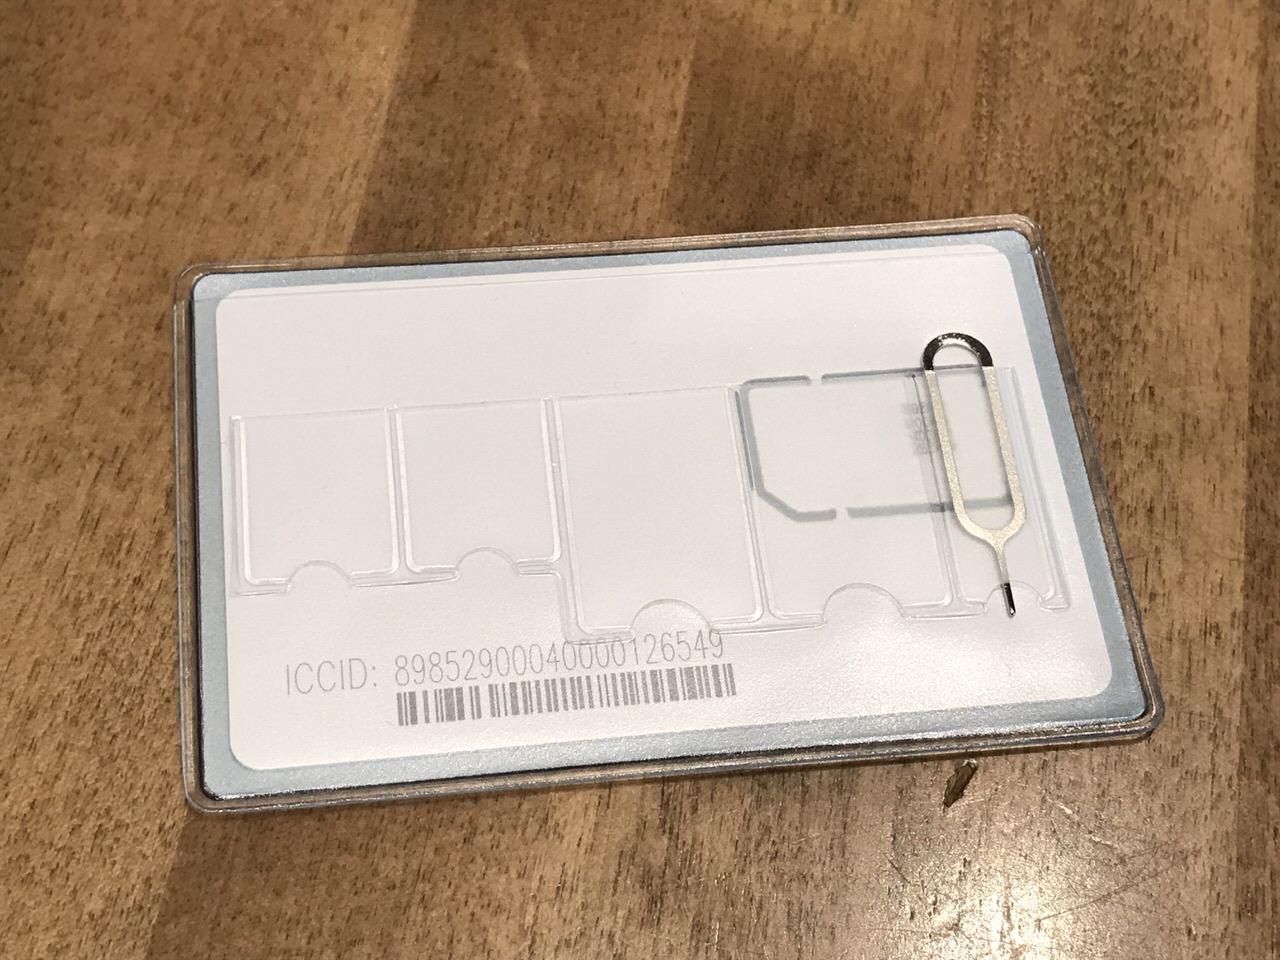 カナダで使えたSIMカード【SIMフリーiPhone】5